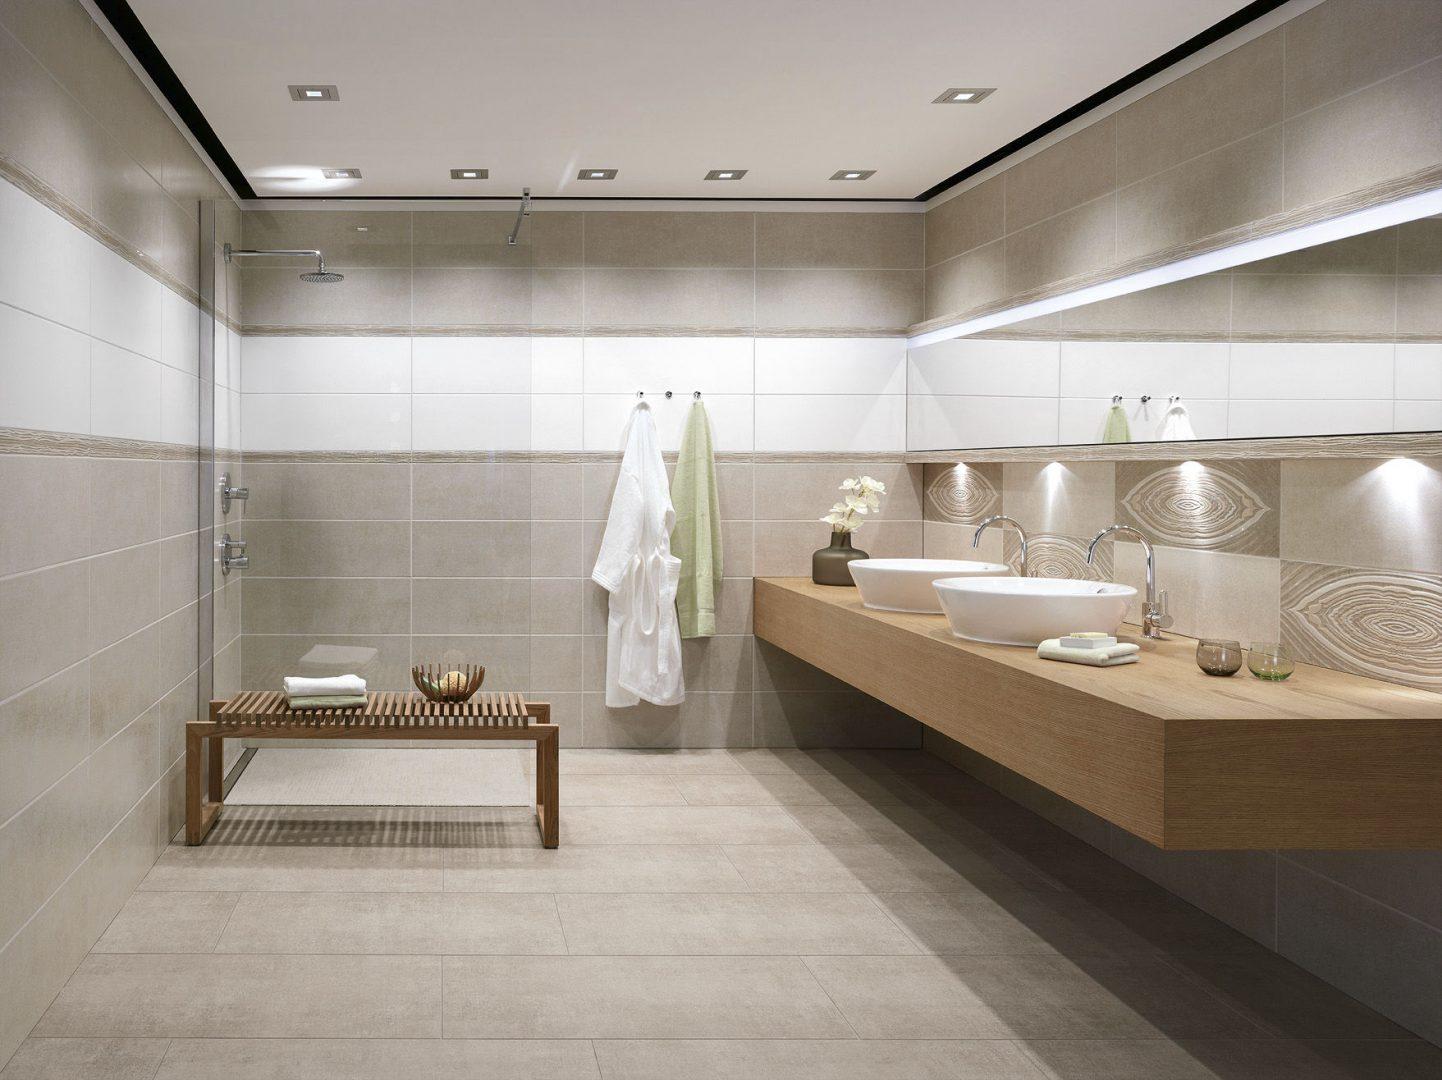 Ba o con azulejos de porcelana im genes y fotos for Muebles para restaurantes modernos